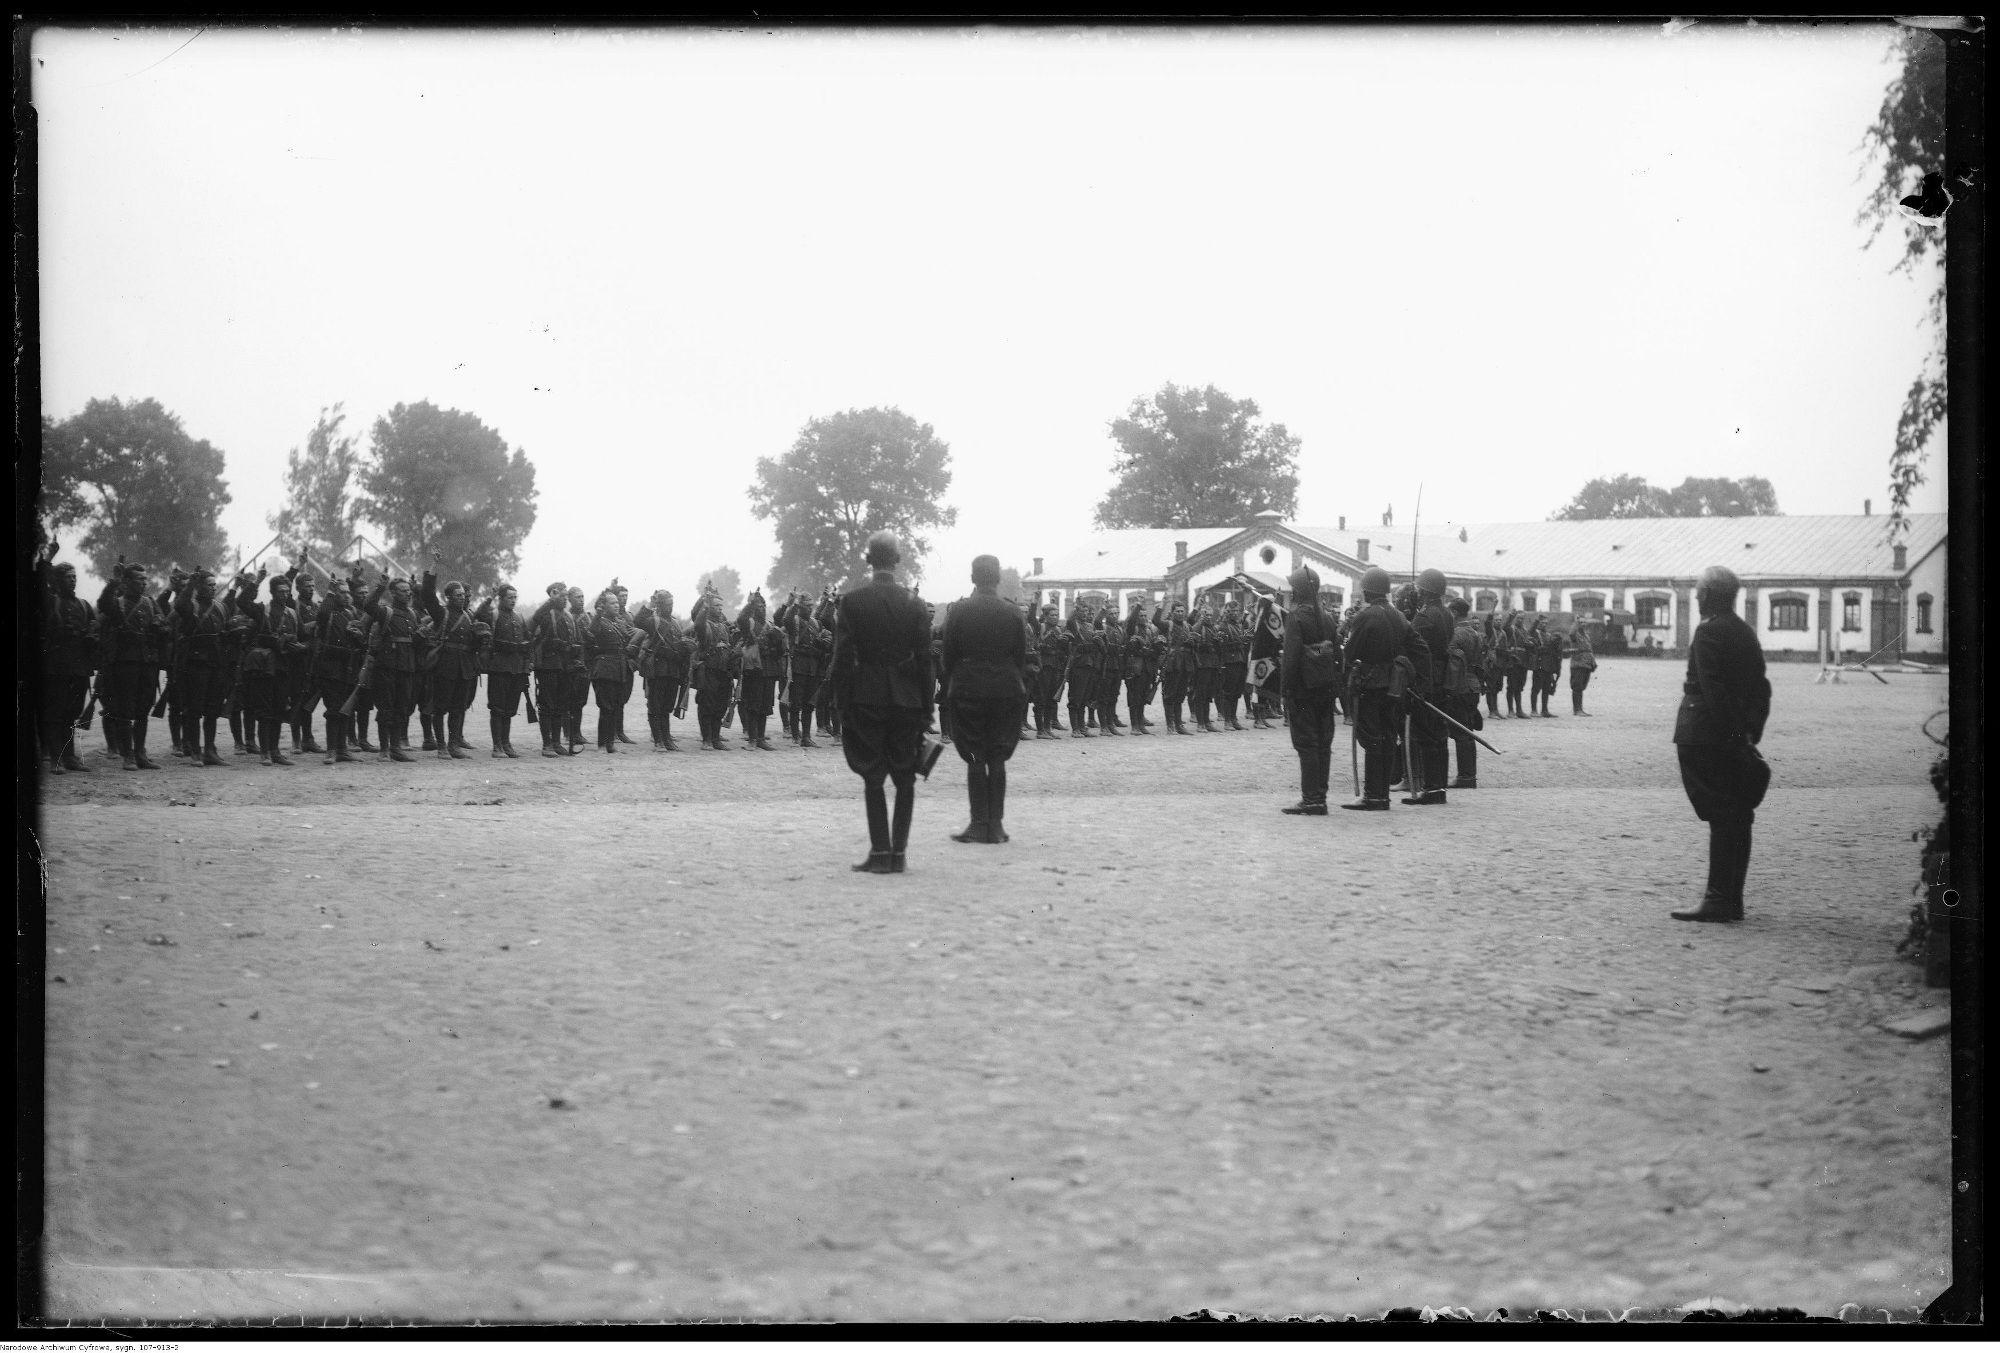 Przysięga świeżo zmobilizowanych polskich rekrutów, Garwolin, 30 sierpnia 1939 r. (fot. Narcyz Witczak-Witaczyński / Wikimedia.org / Domena publiczna)